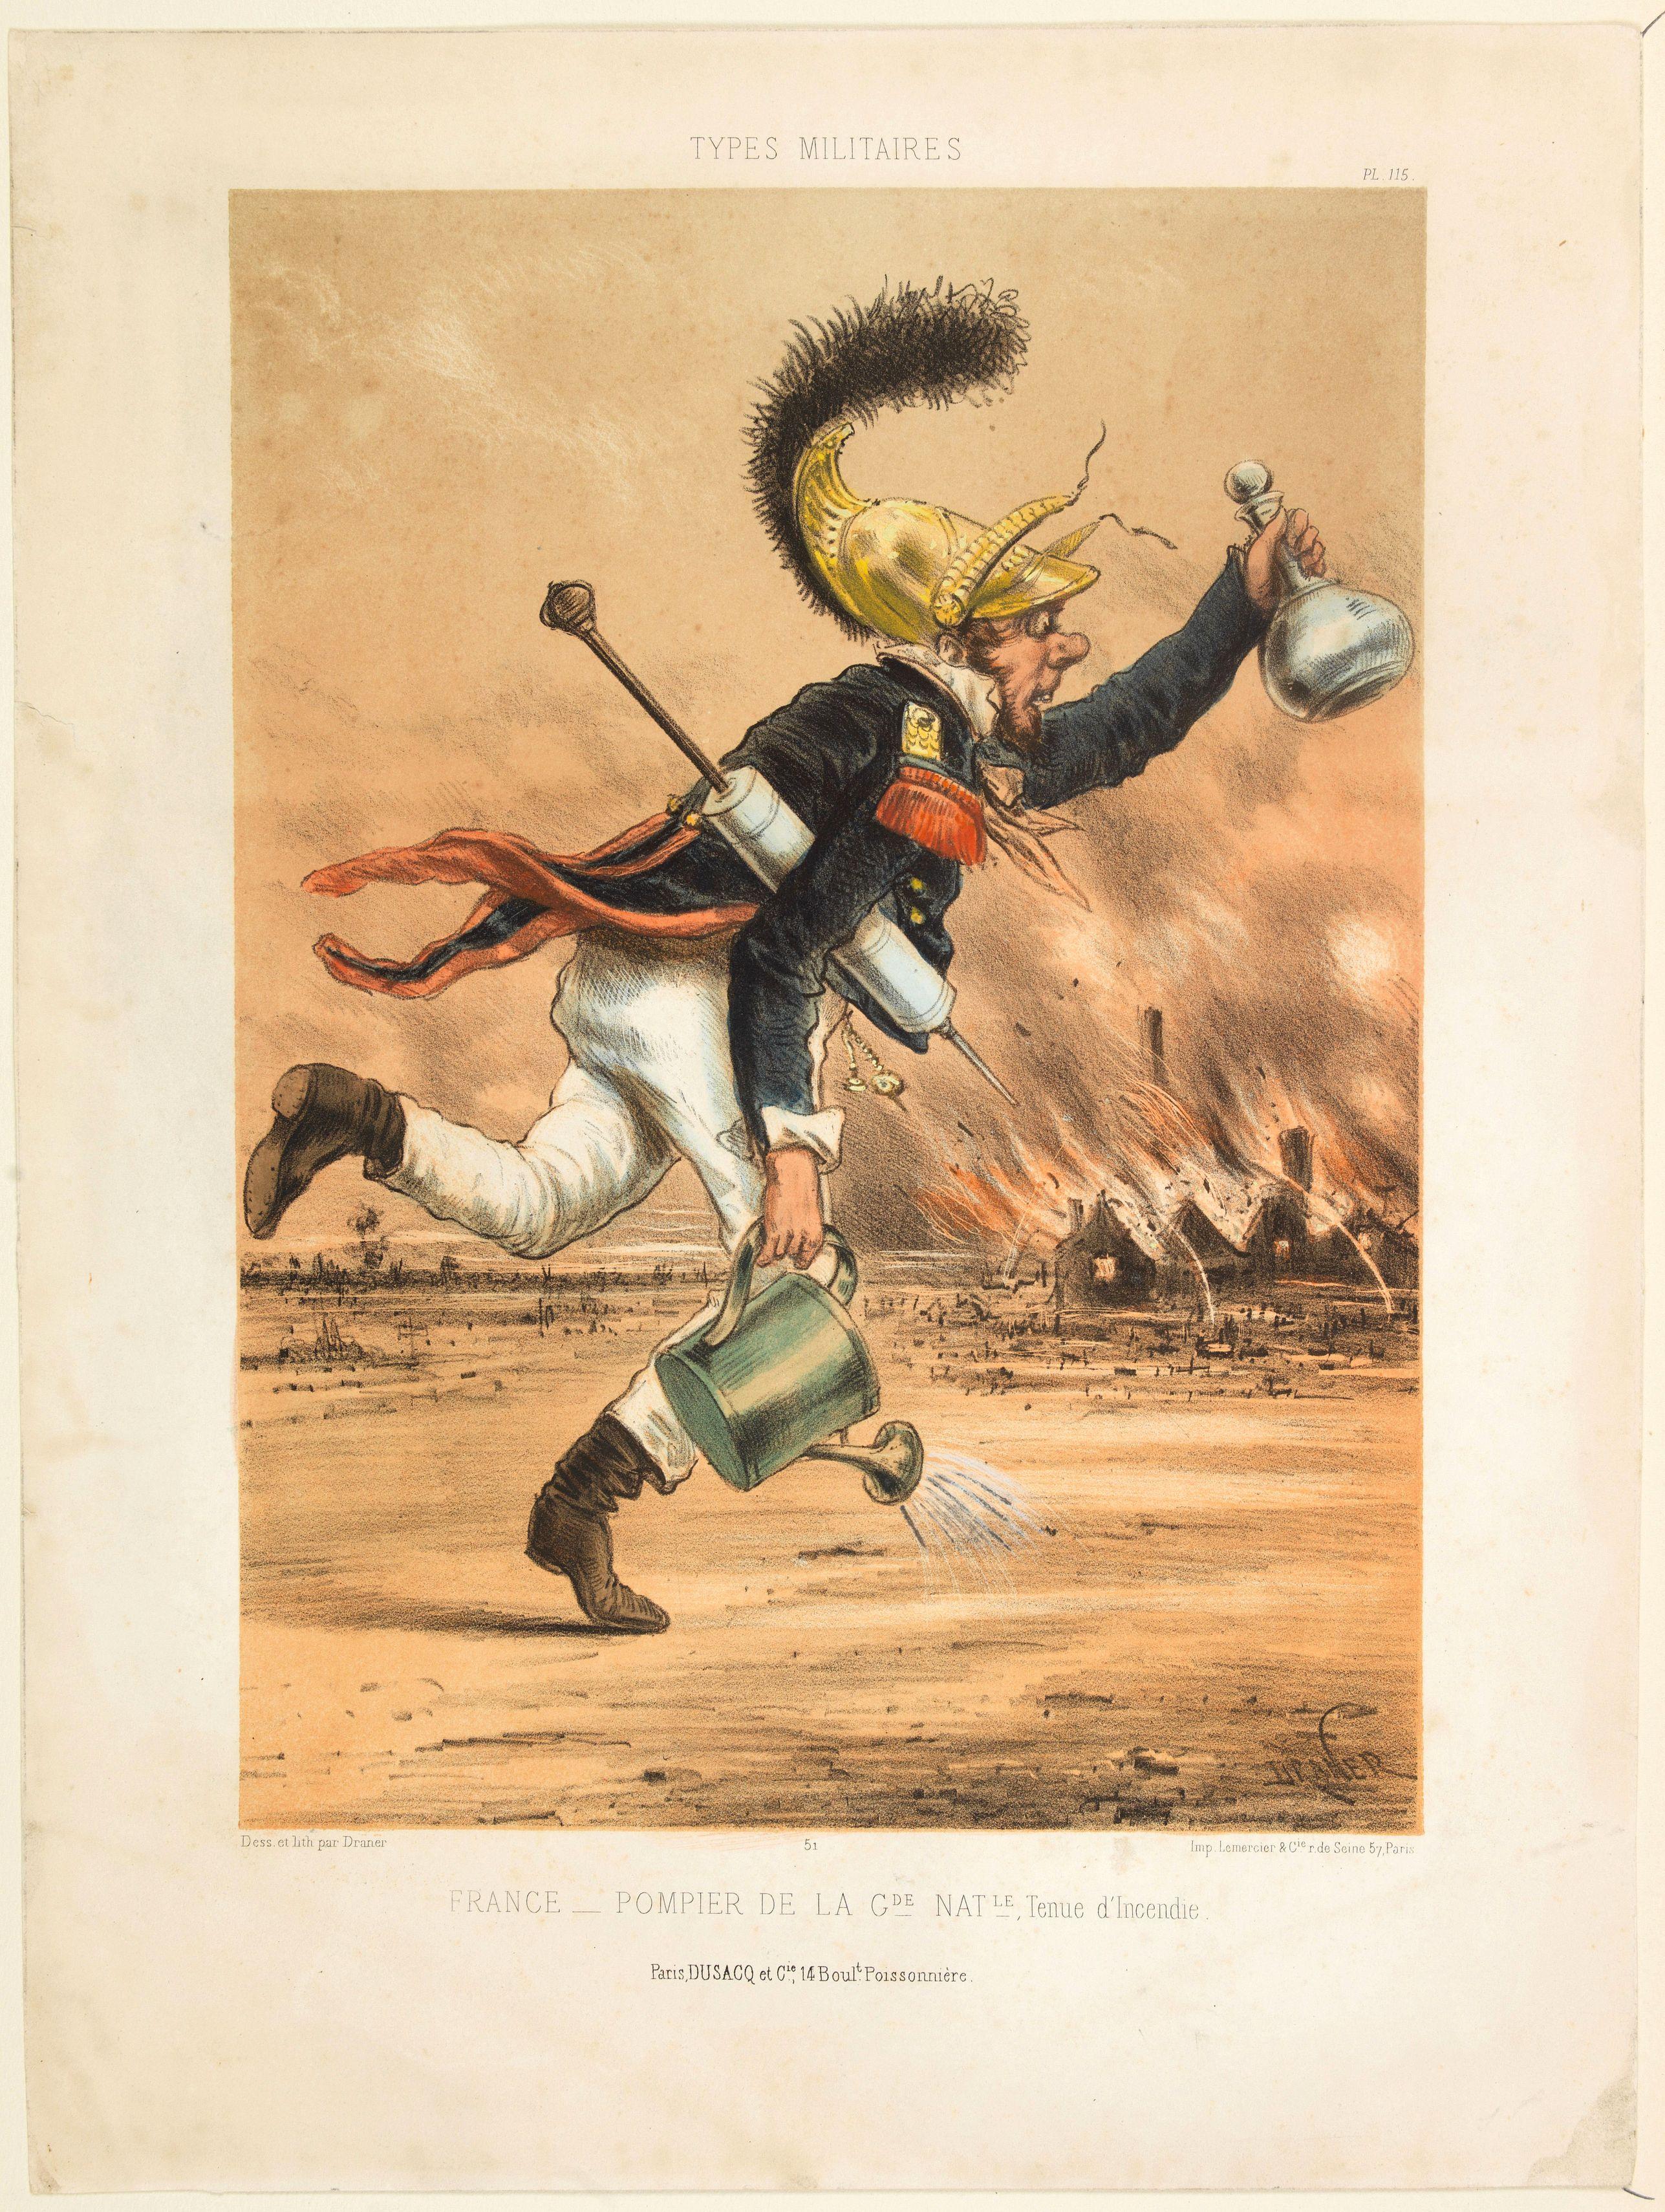 DRANER [pseudonyme Jules Renard], -  France - Pompier de la Garde Nationale, Tenue d'Incendie.